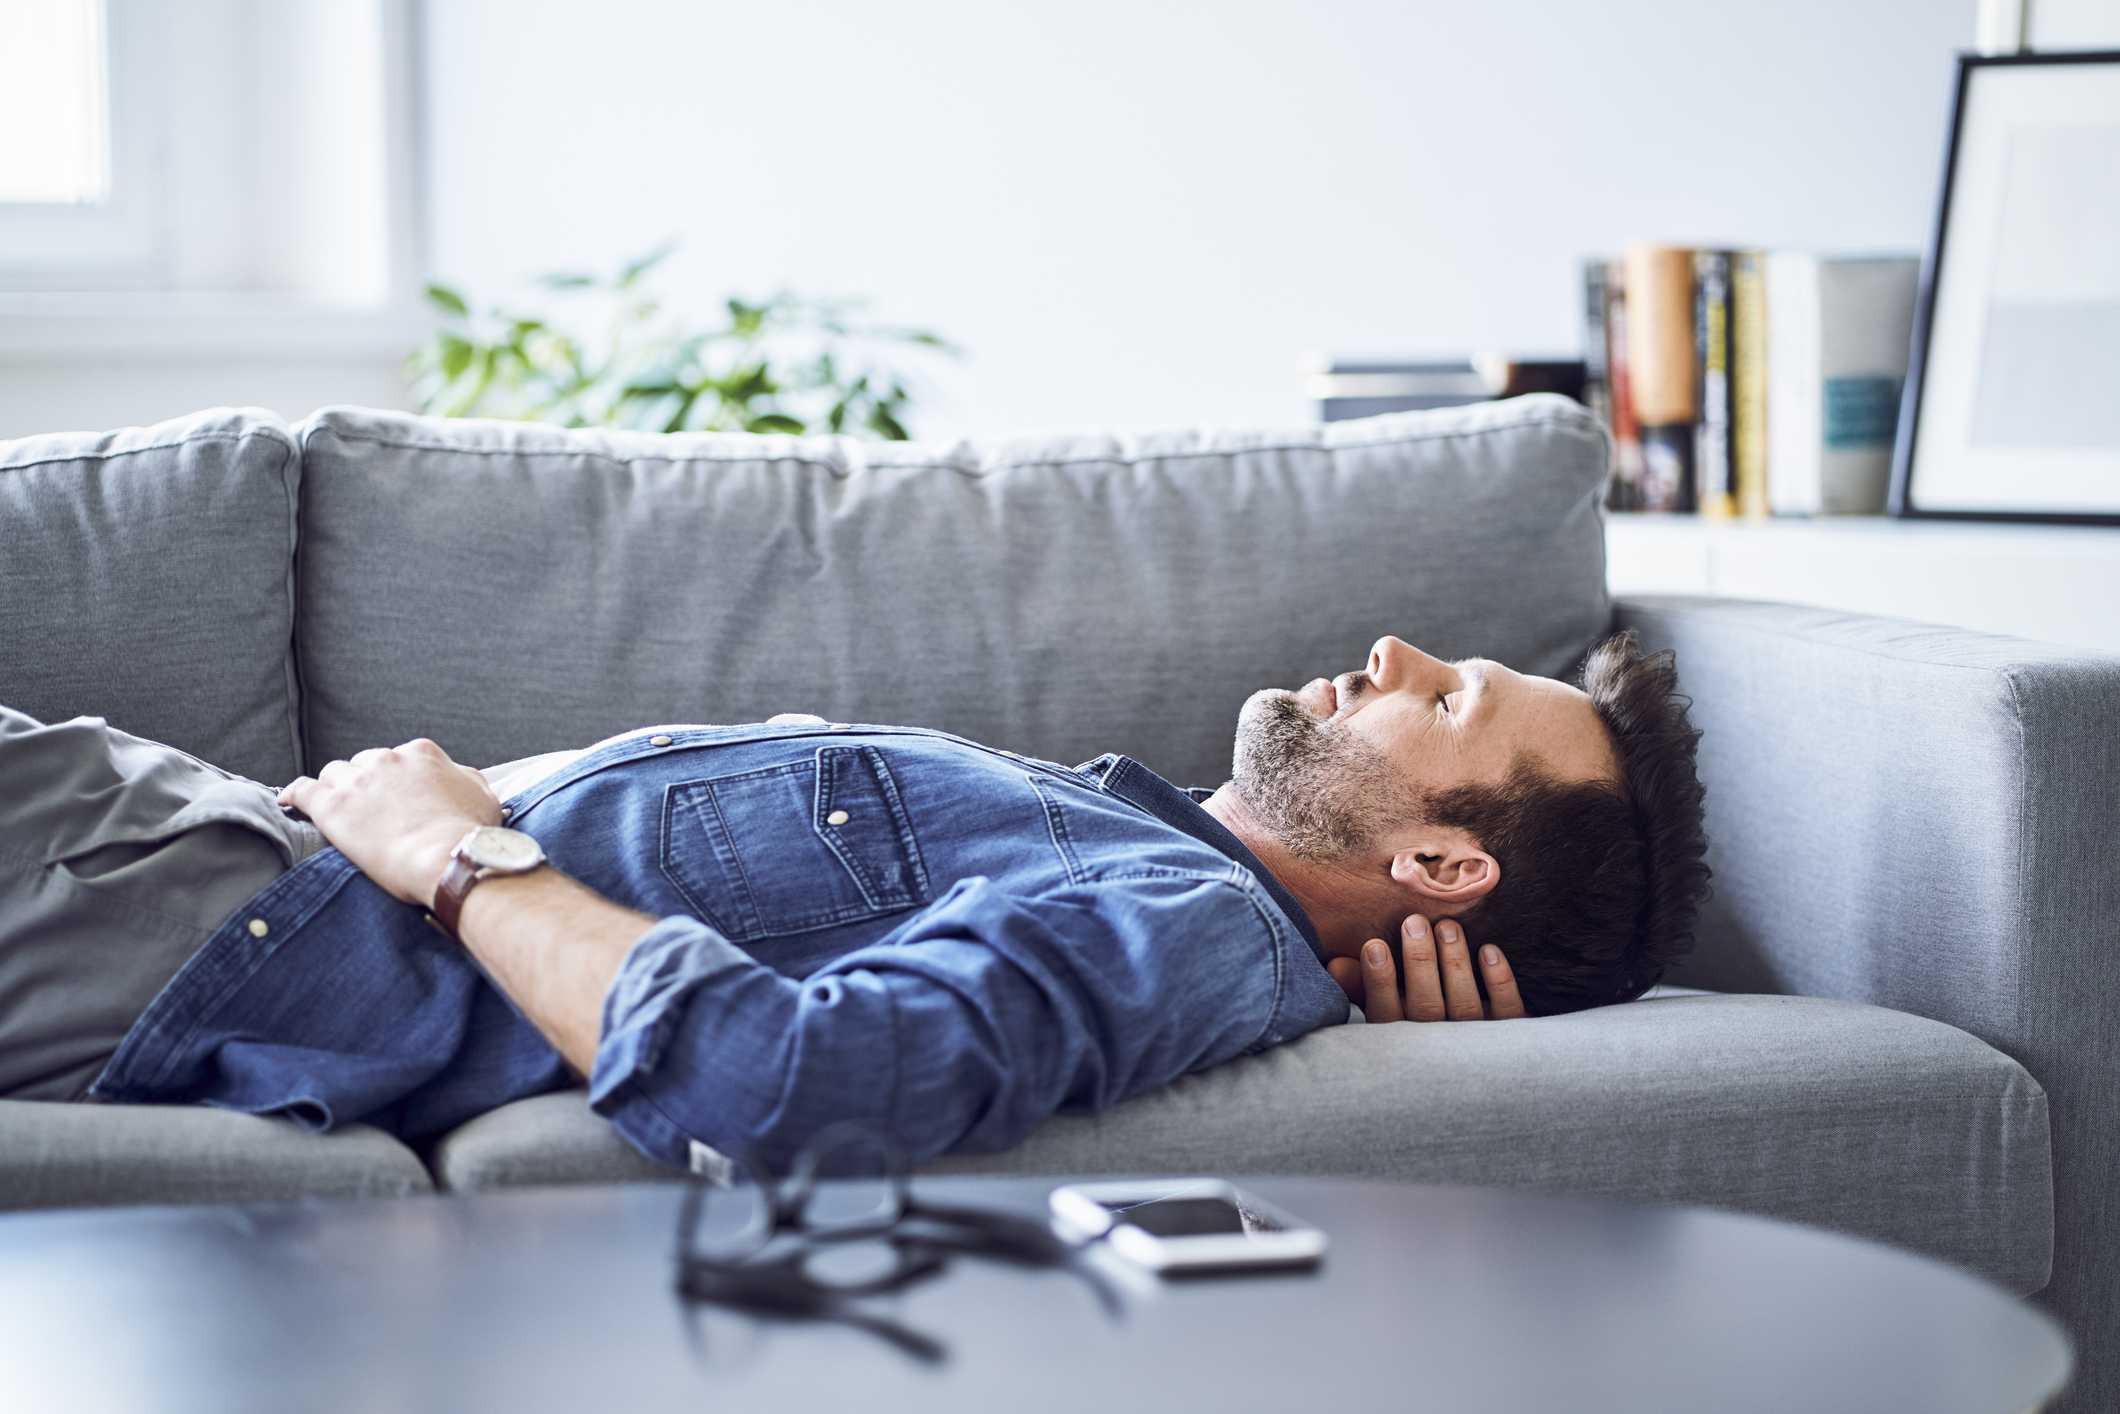 Wondrous 7 Breathing Exercises For Better Sleep Uwap Interior Chair Design Uwaporg